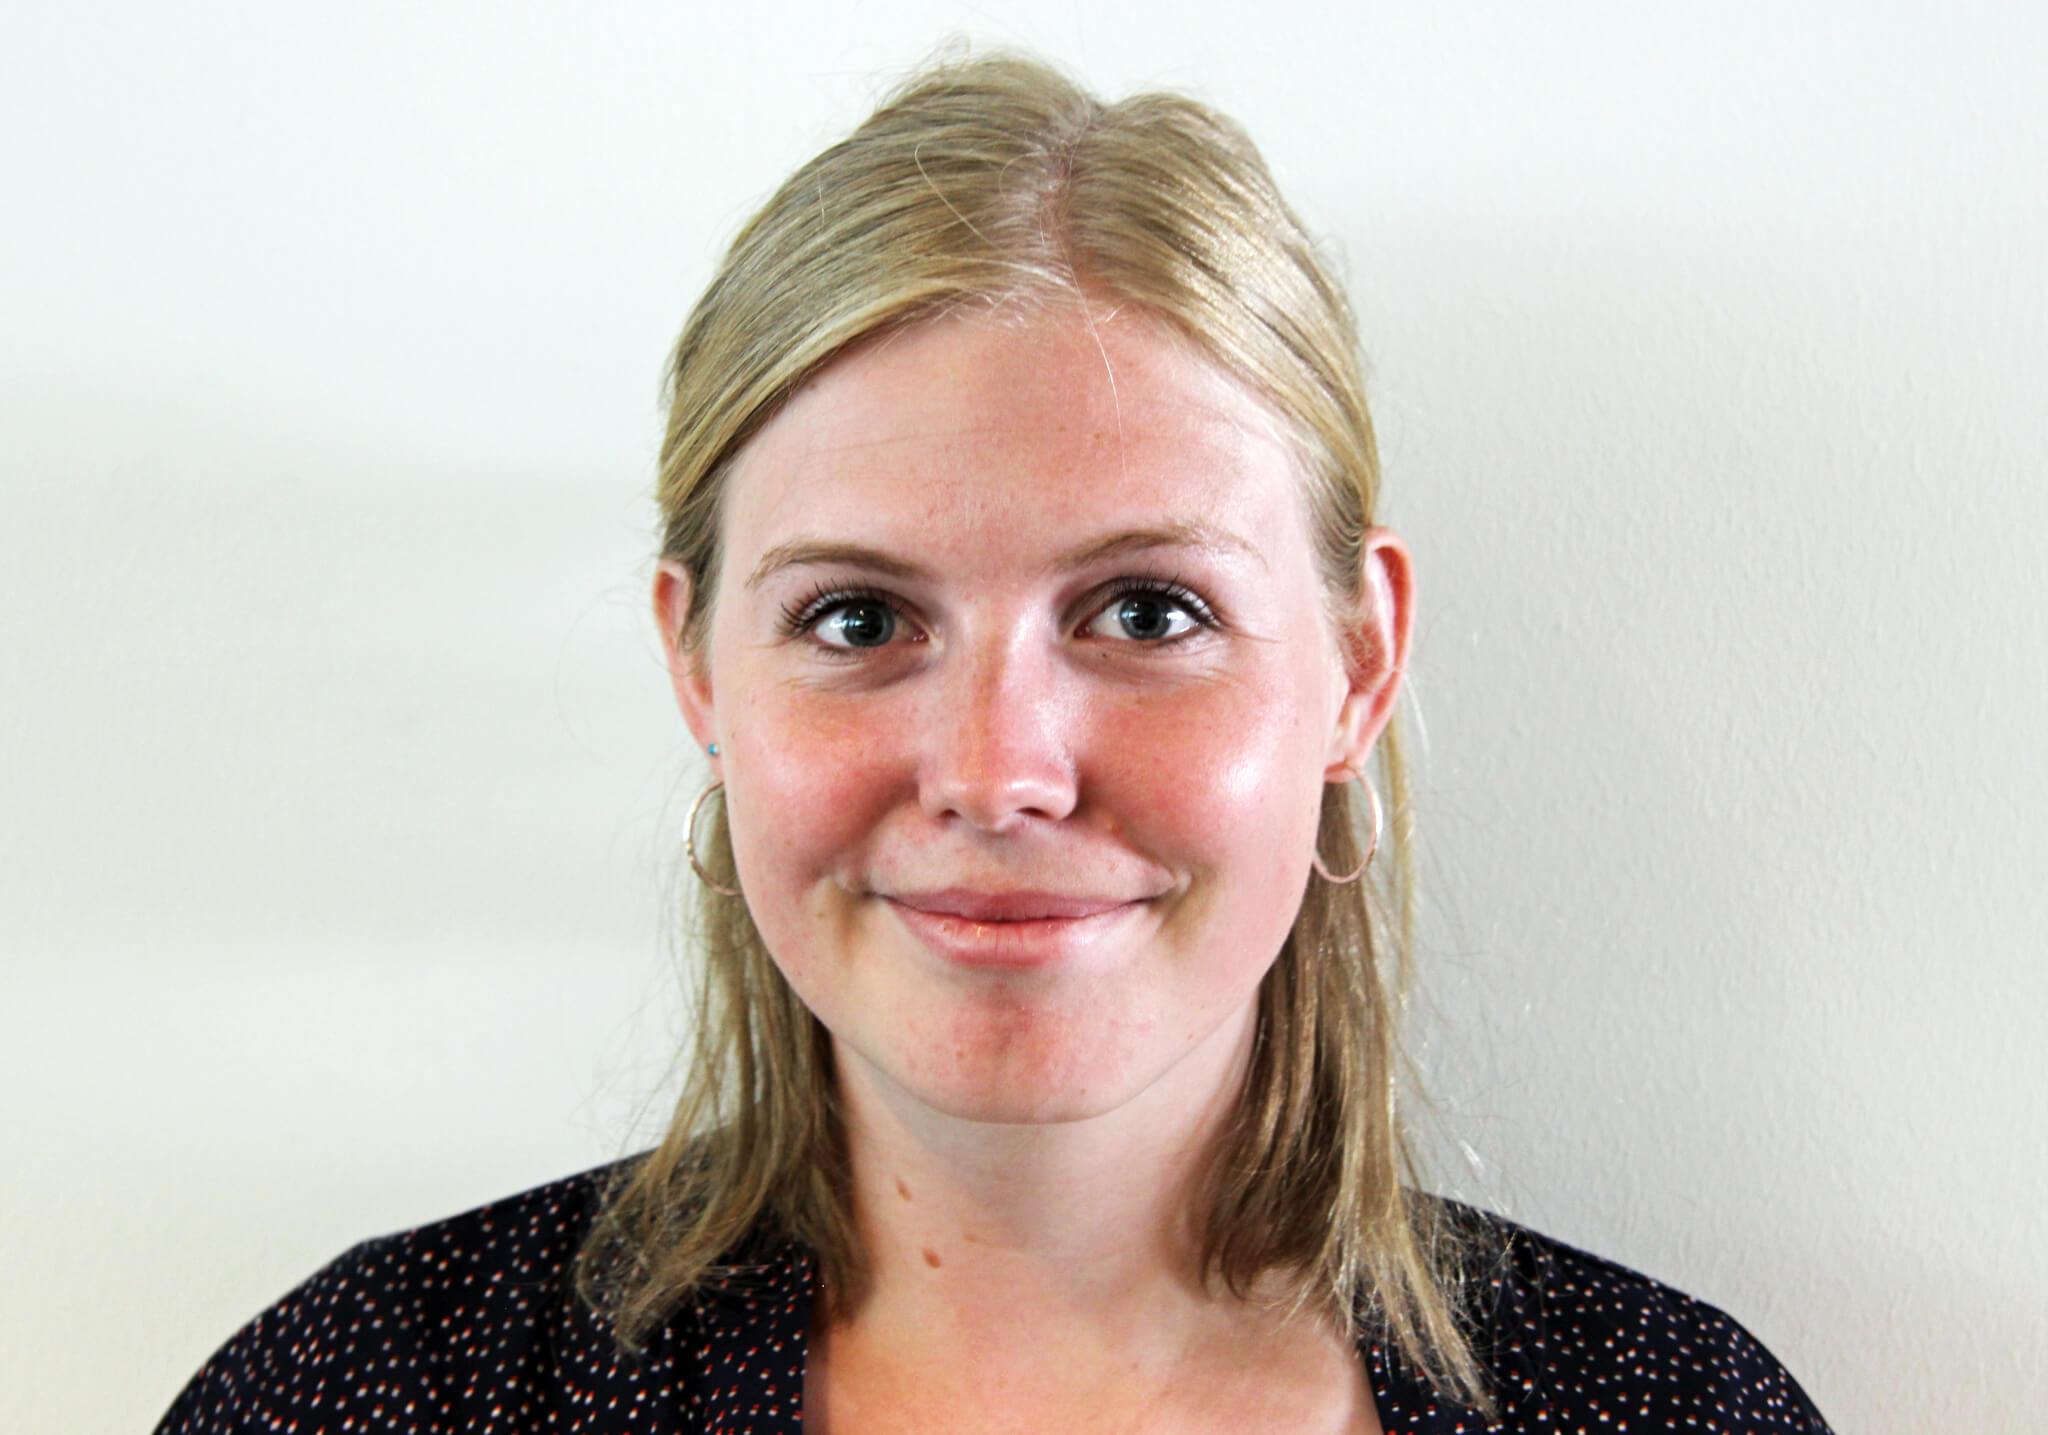 Julie Nymark